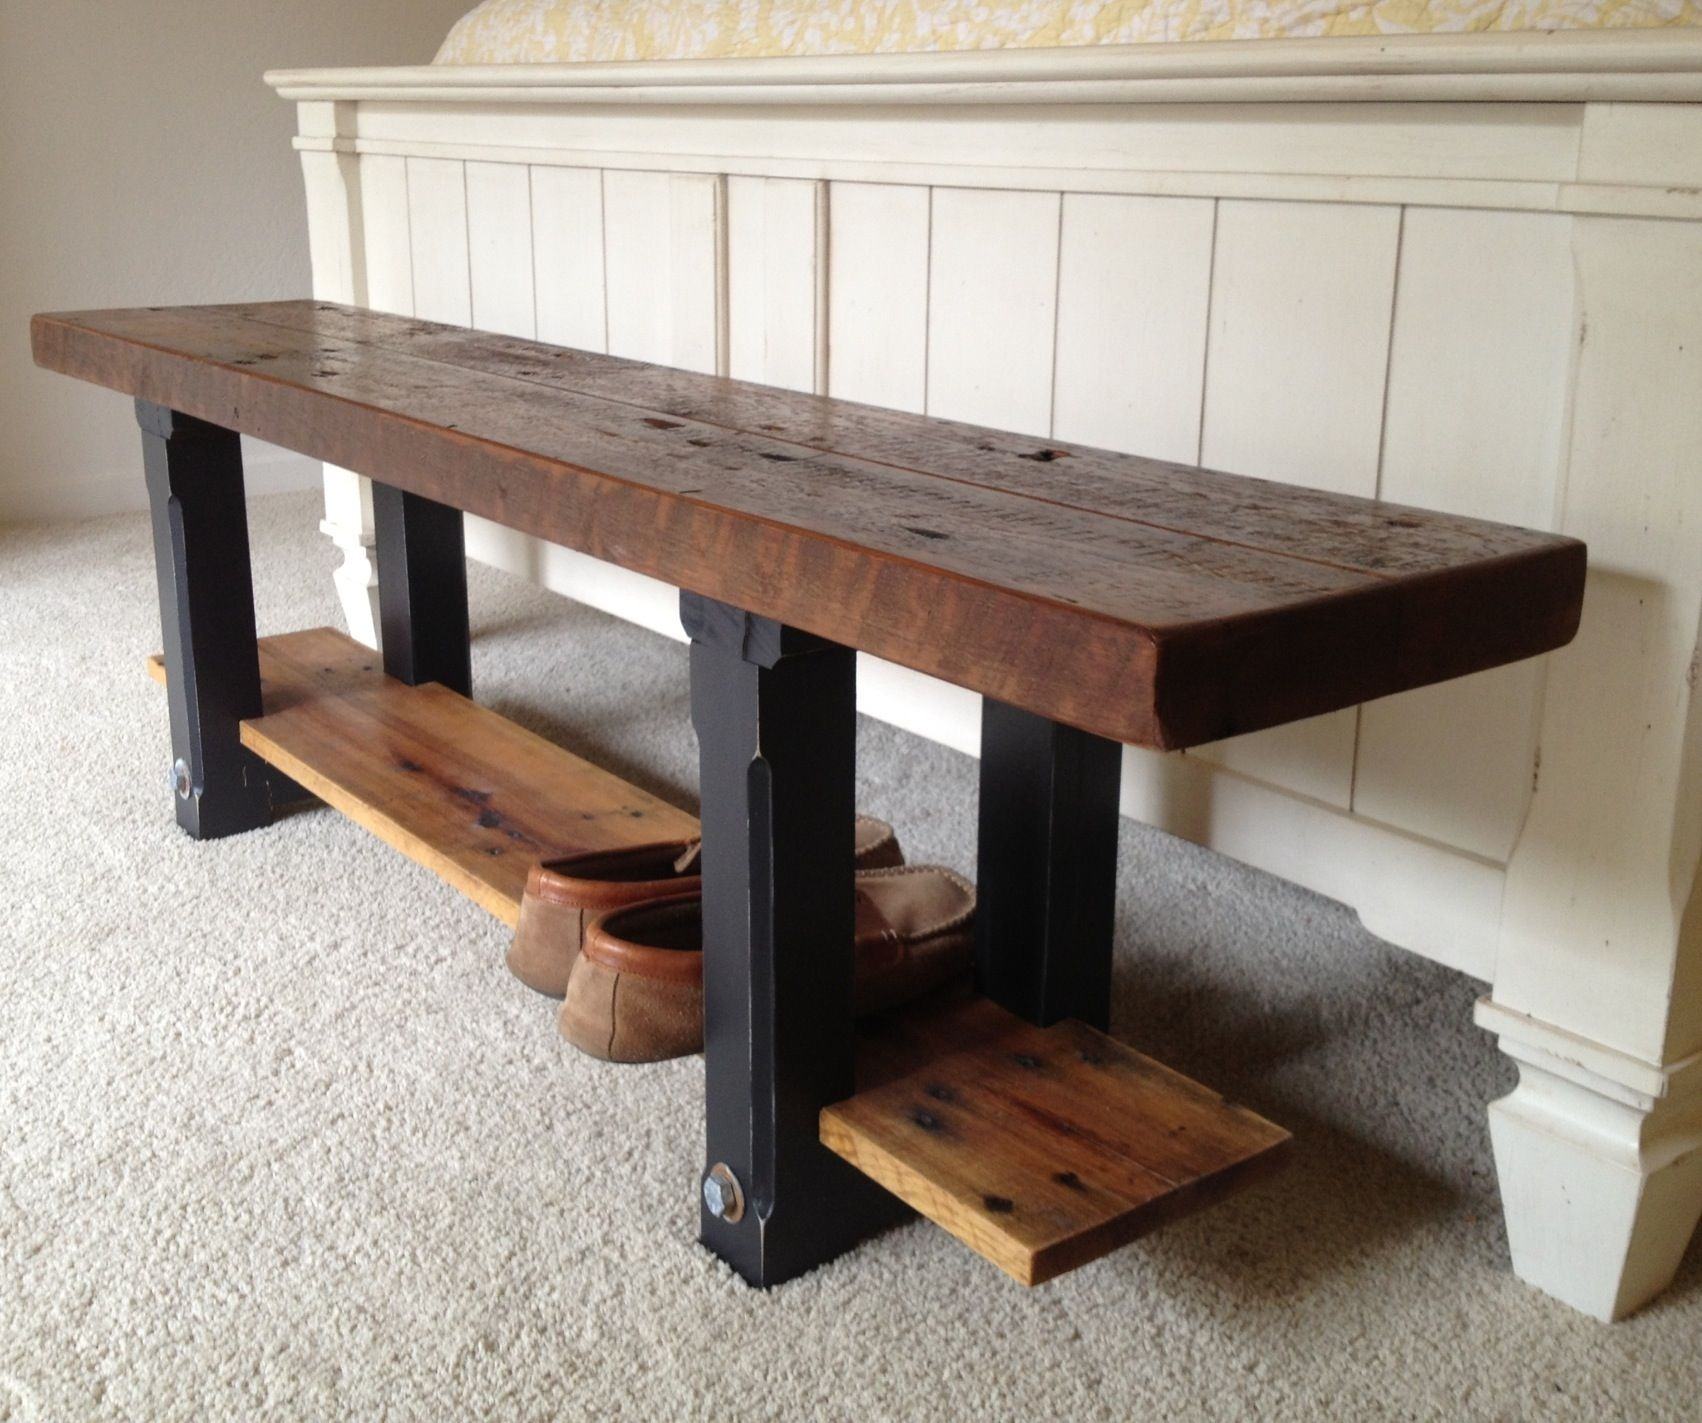 Reclaimed Wood Bench Reclaimed Wood Benches Wood Bench Wooden Bench Diy